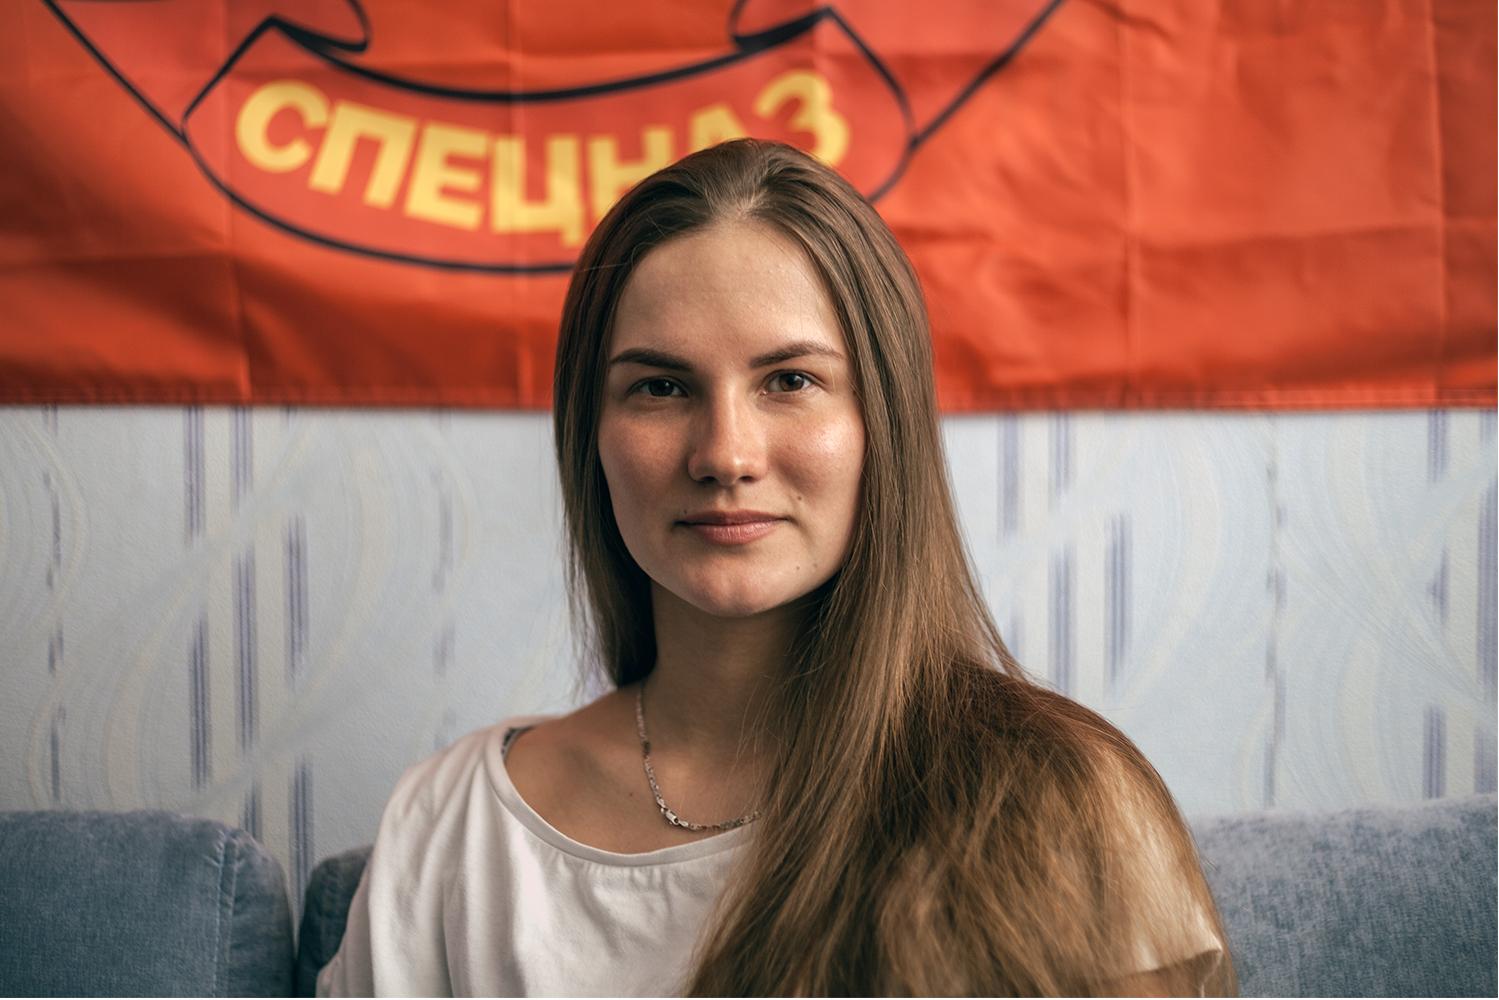 Yulia, 29 años,  está casada con Maxim. Trabaja como monitora de esquí y snowboard para niños. En su tiempo libre, como la gran mayorías de los jóvenes, practica deporte en la nieve.